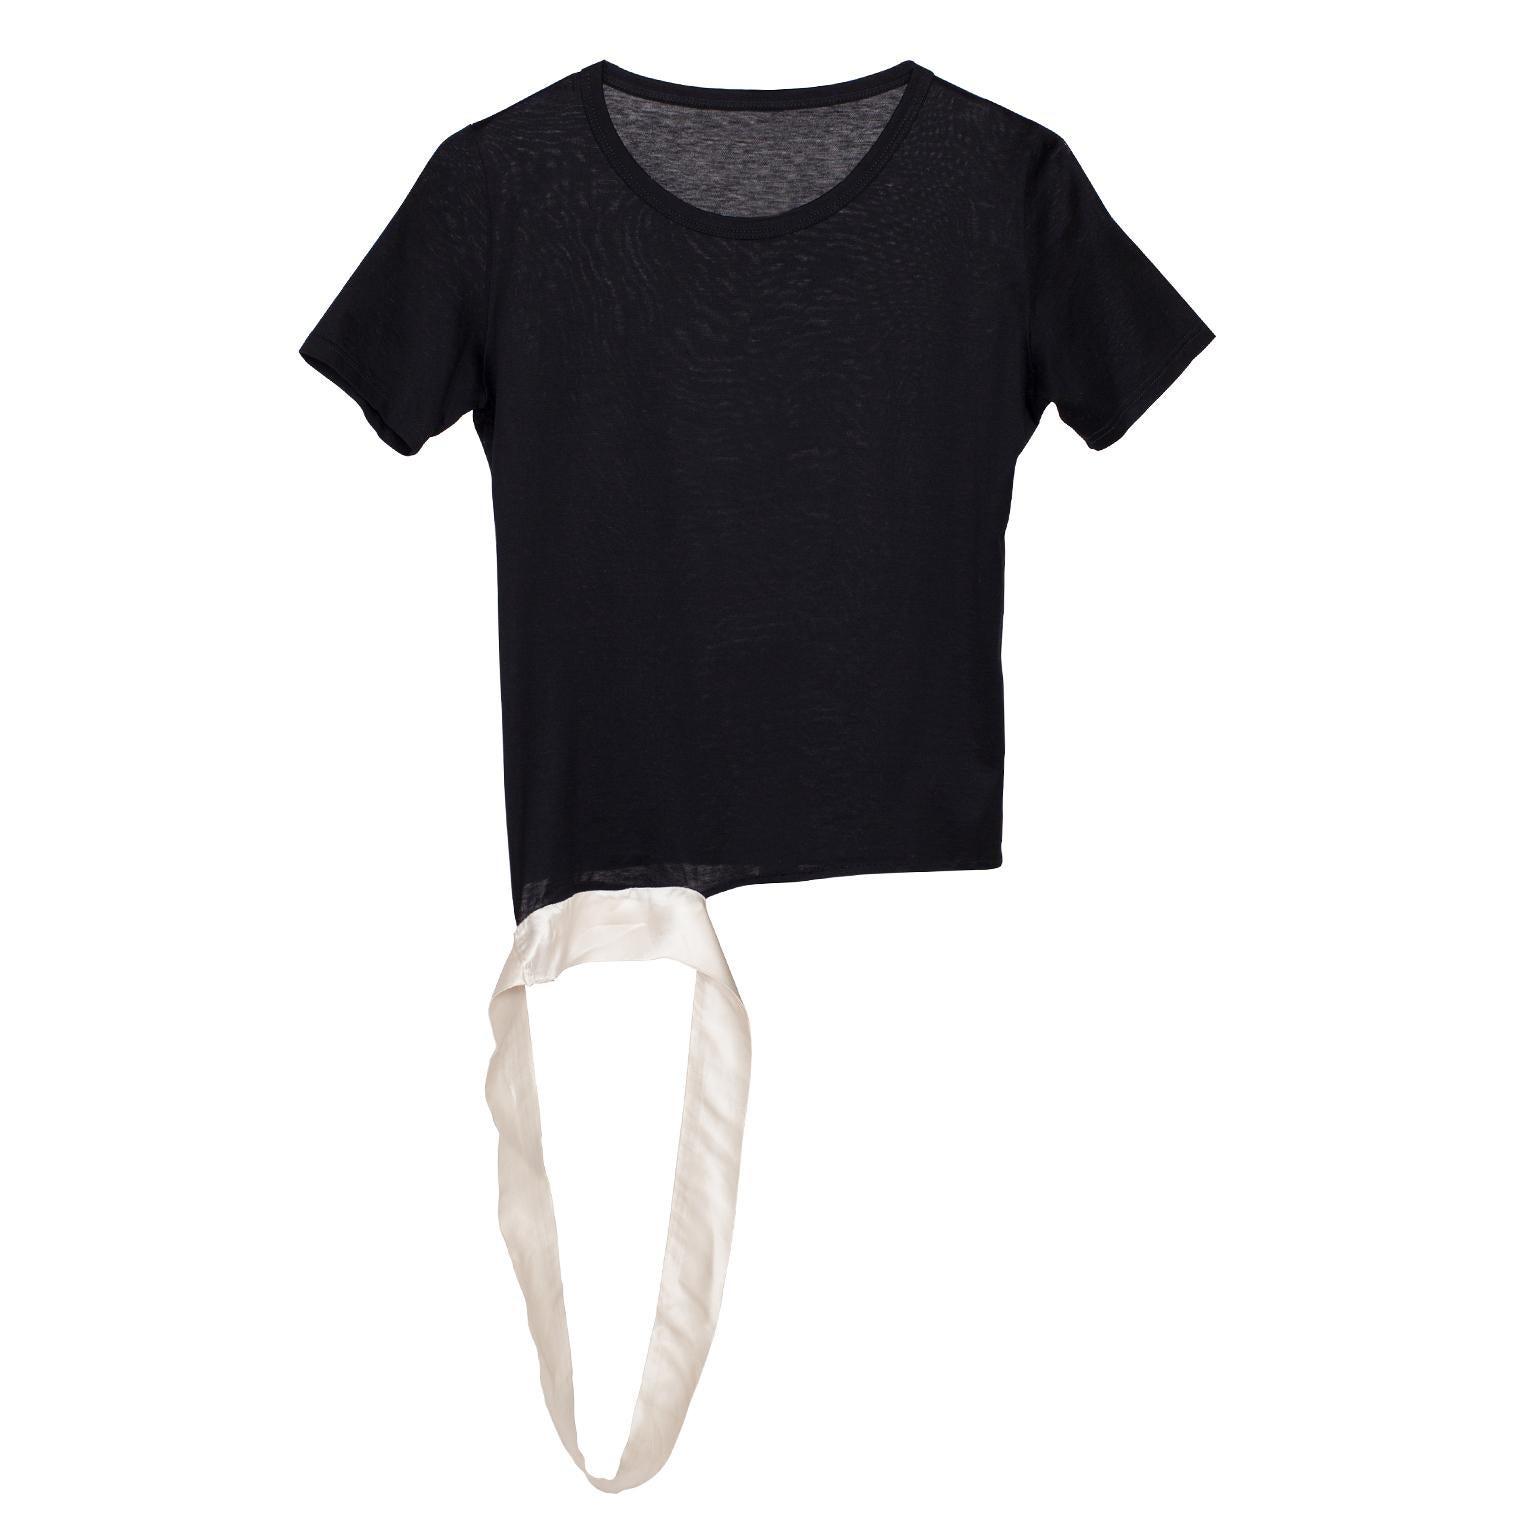 Helmut Lang Black T shirt Extended Hem Detail SS 1997